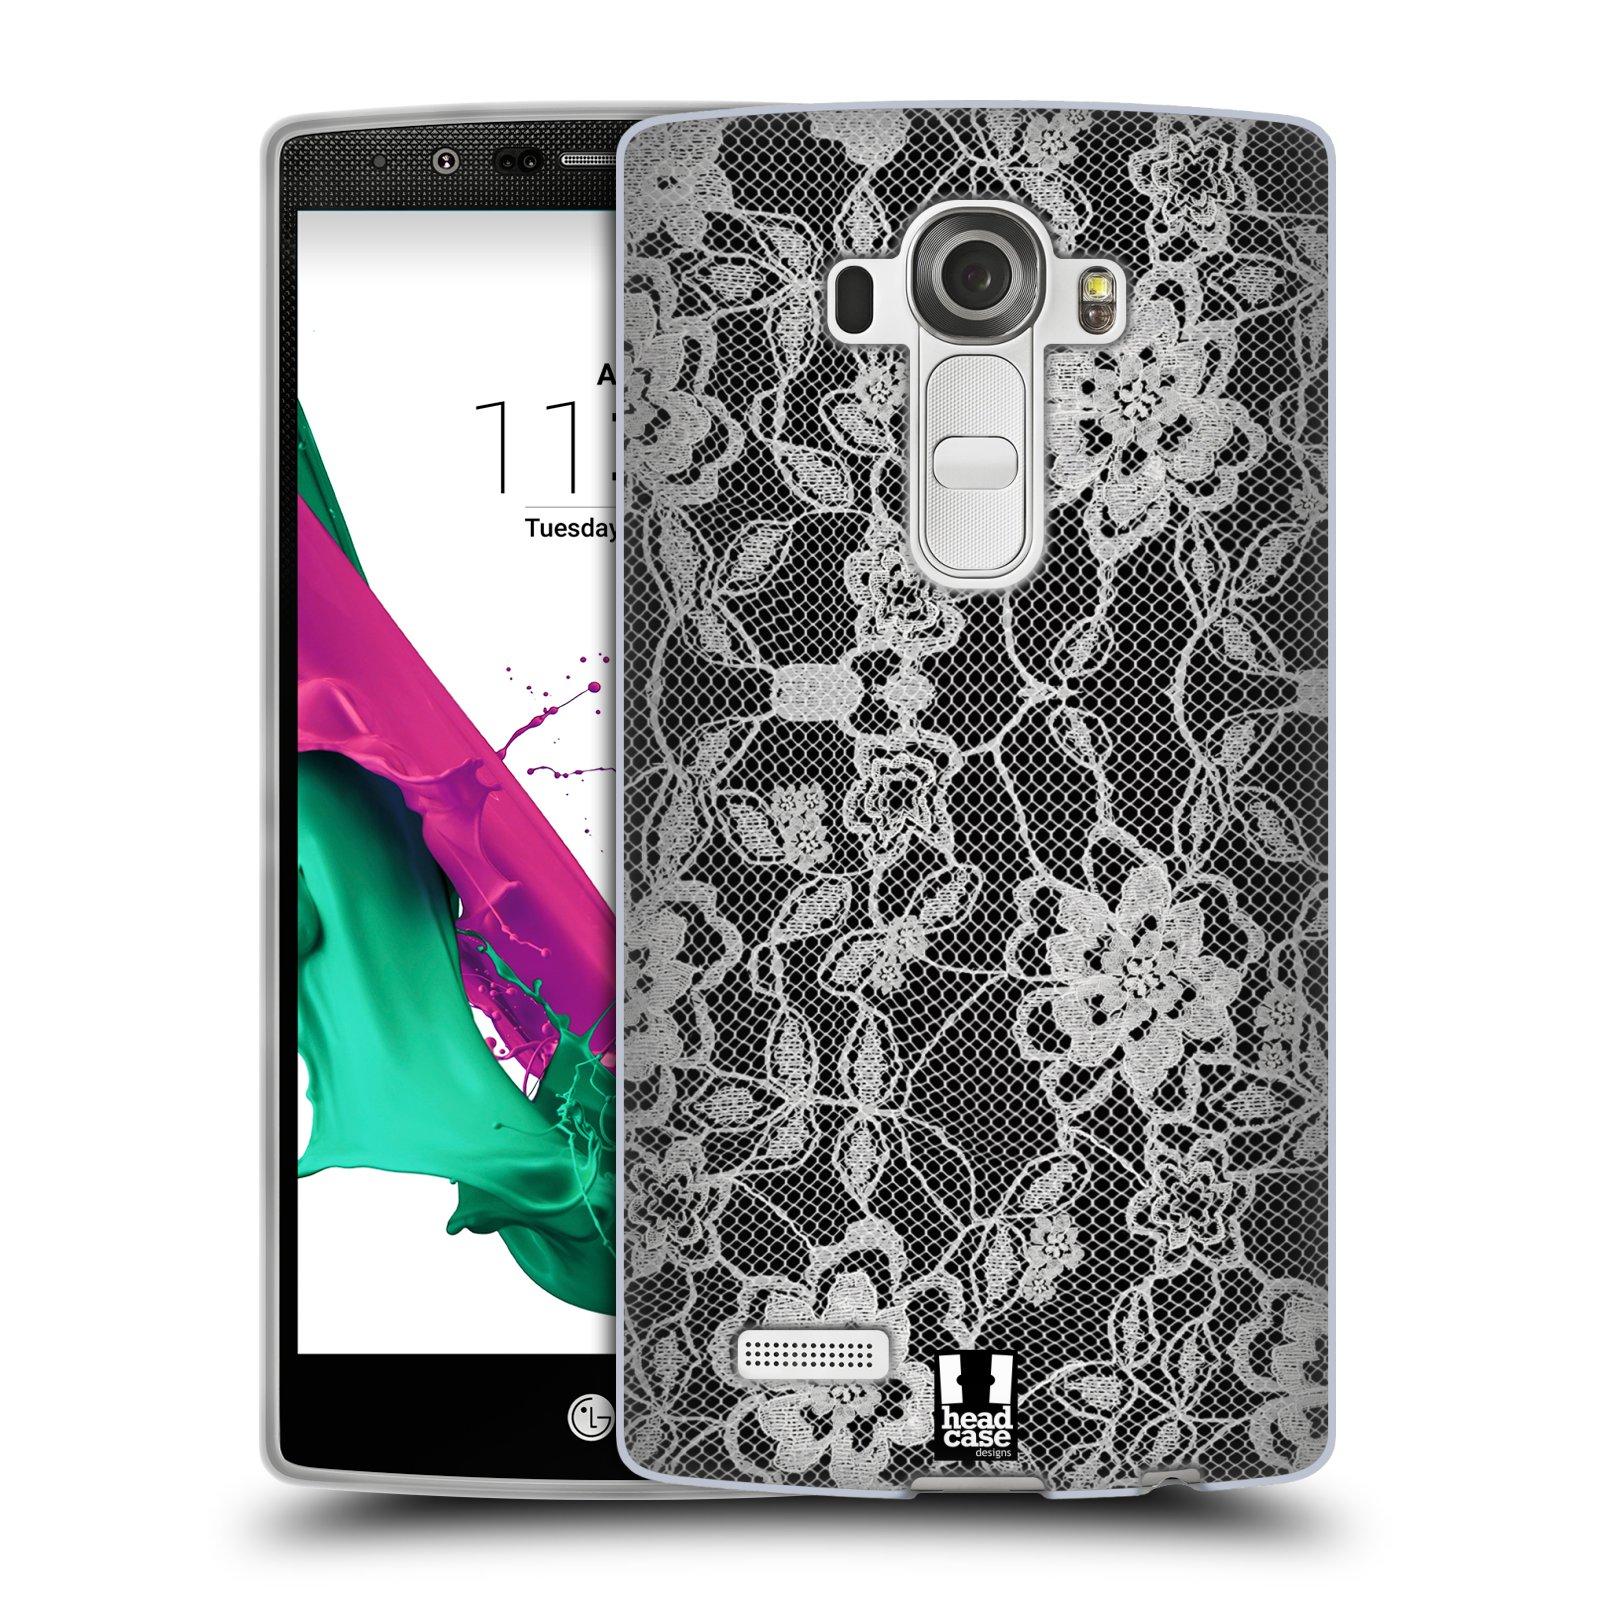 Silikonové pouzdro na mobil LG G4 HEAD CASE FLOWERY KRAJKA (Silikonový kryt či obal na mobilní telefon LG G4 H815)